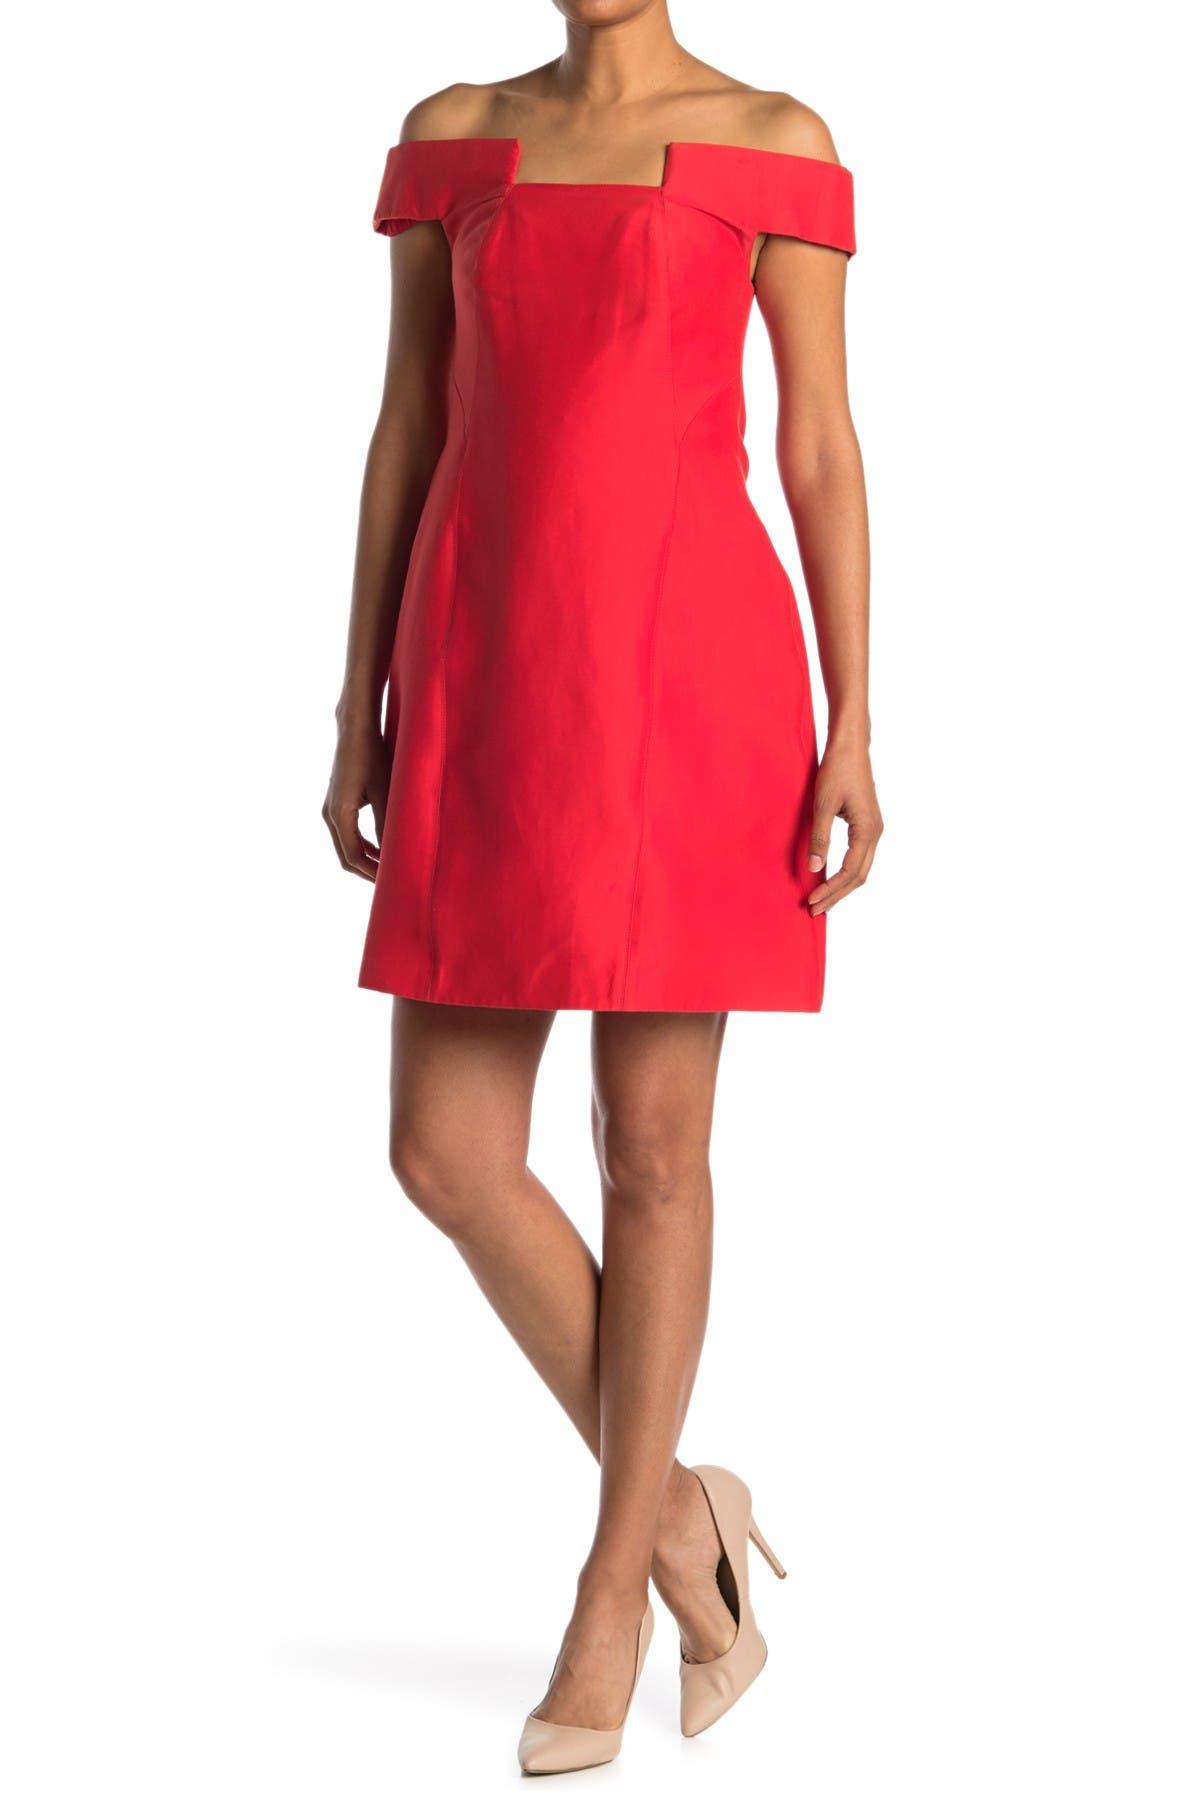 Image of HALSTON Off-the-Shoulder Geo Neck Dress